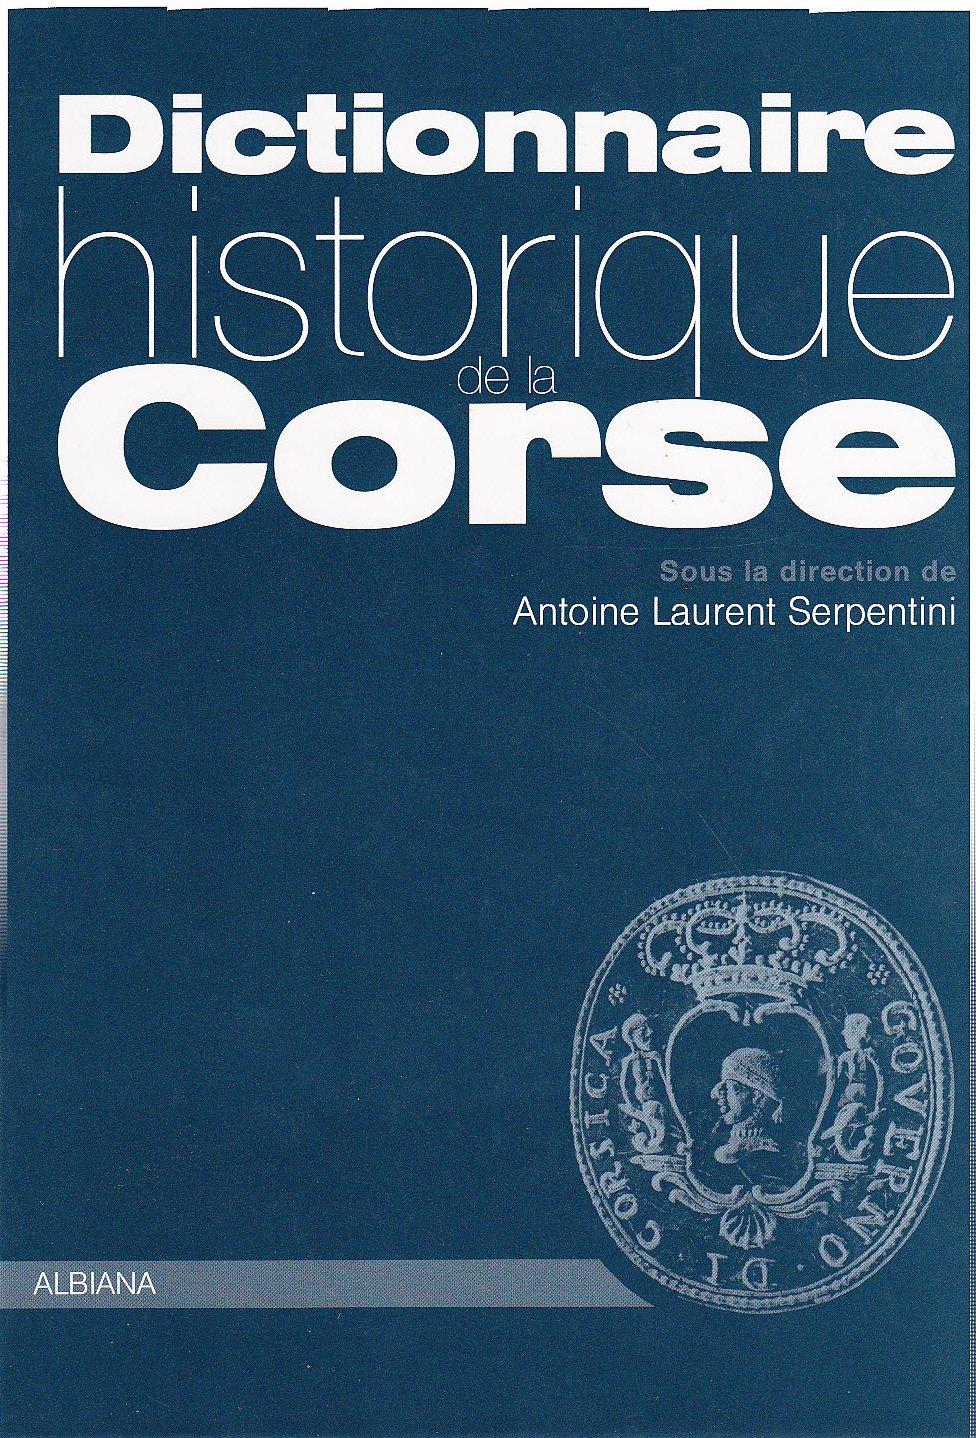 Dictionnaire1